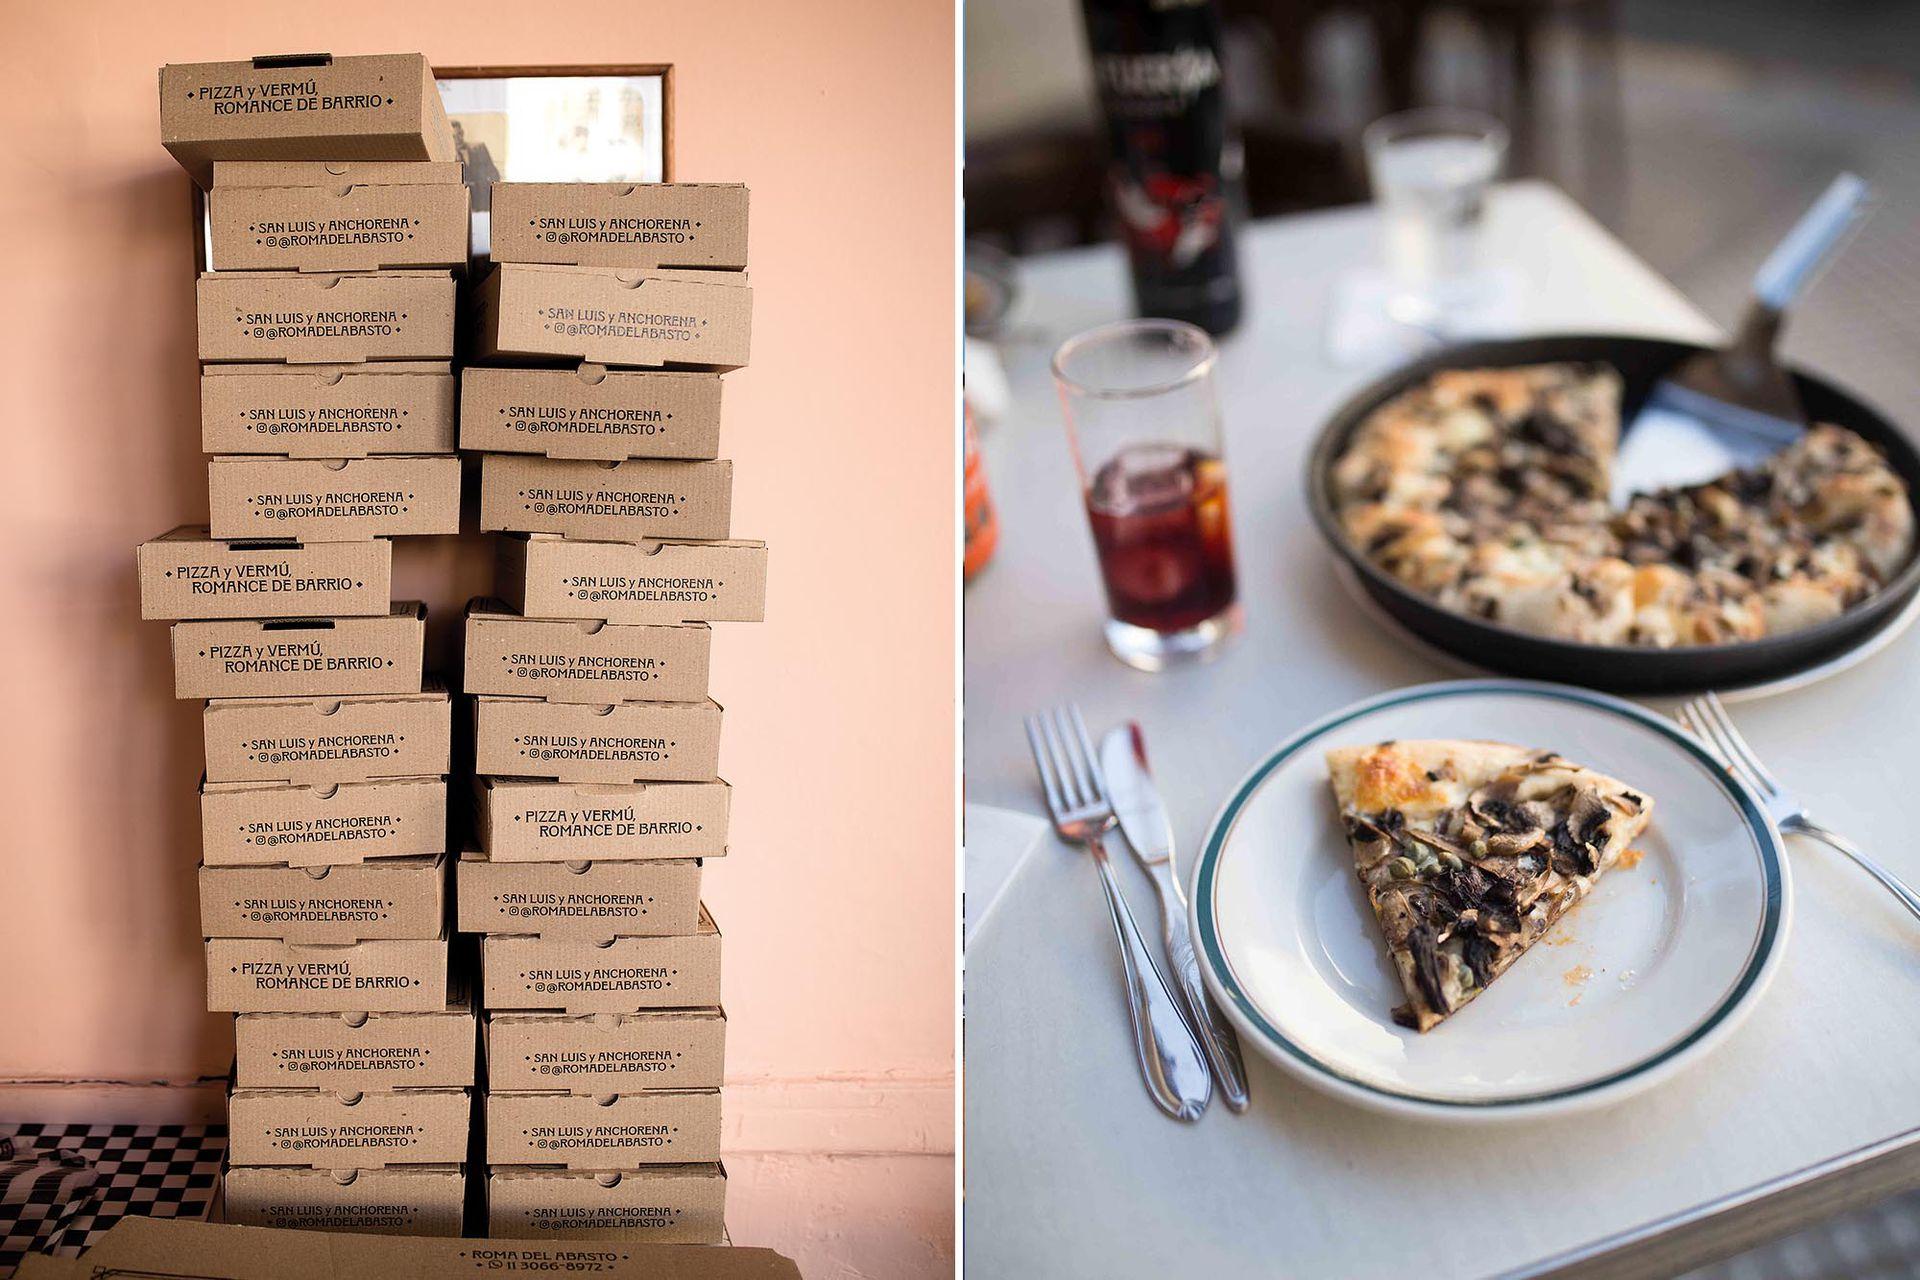 Aunque los sabores y la estética de las pizzas de Roma recuerden a las clásicas de la Avenida Corrientes, a la hora de la digestión se plasman las diferencias.